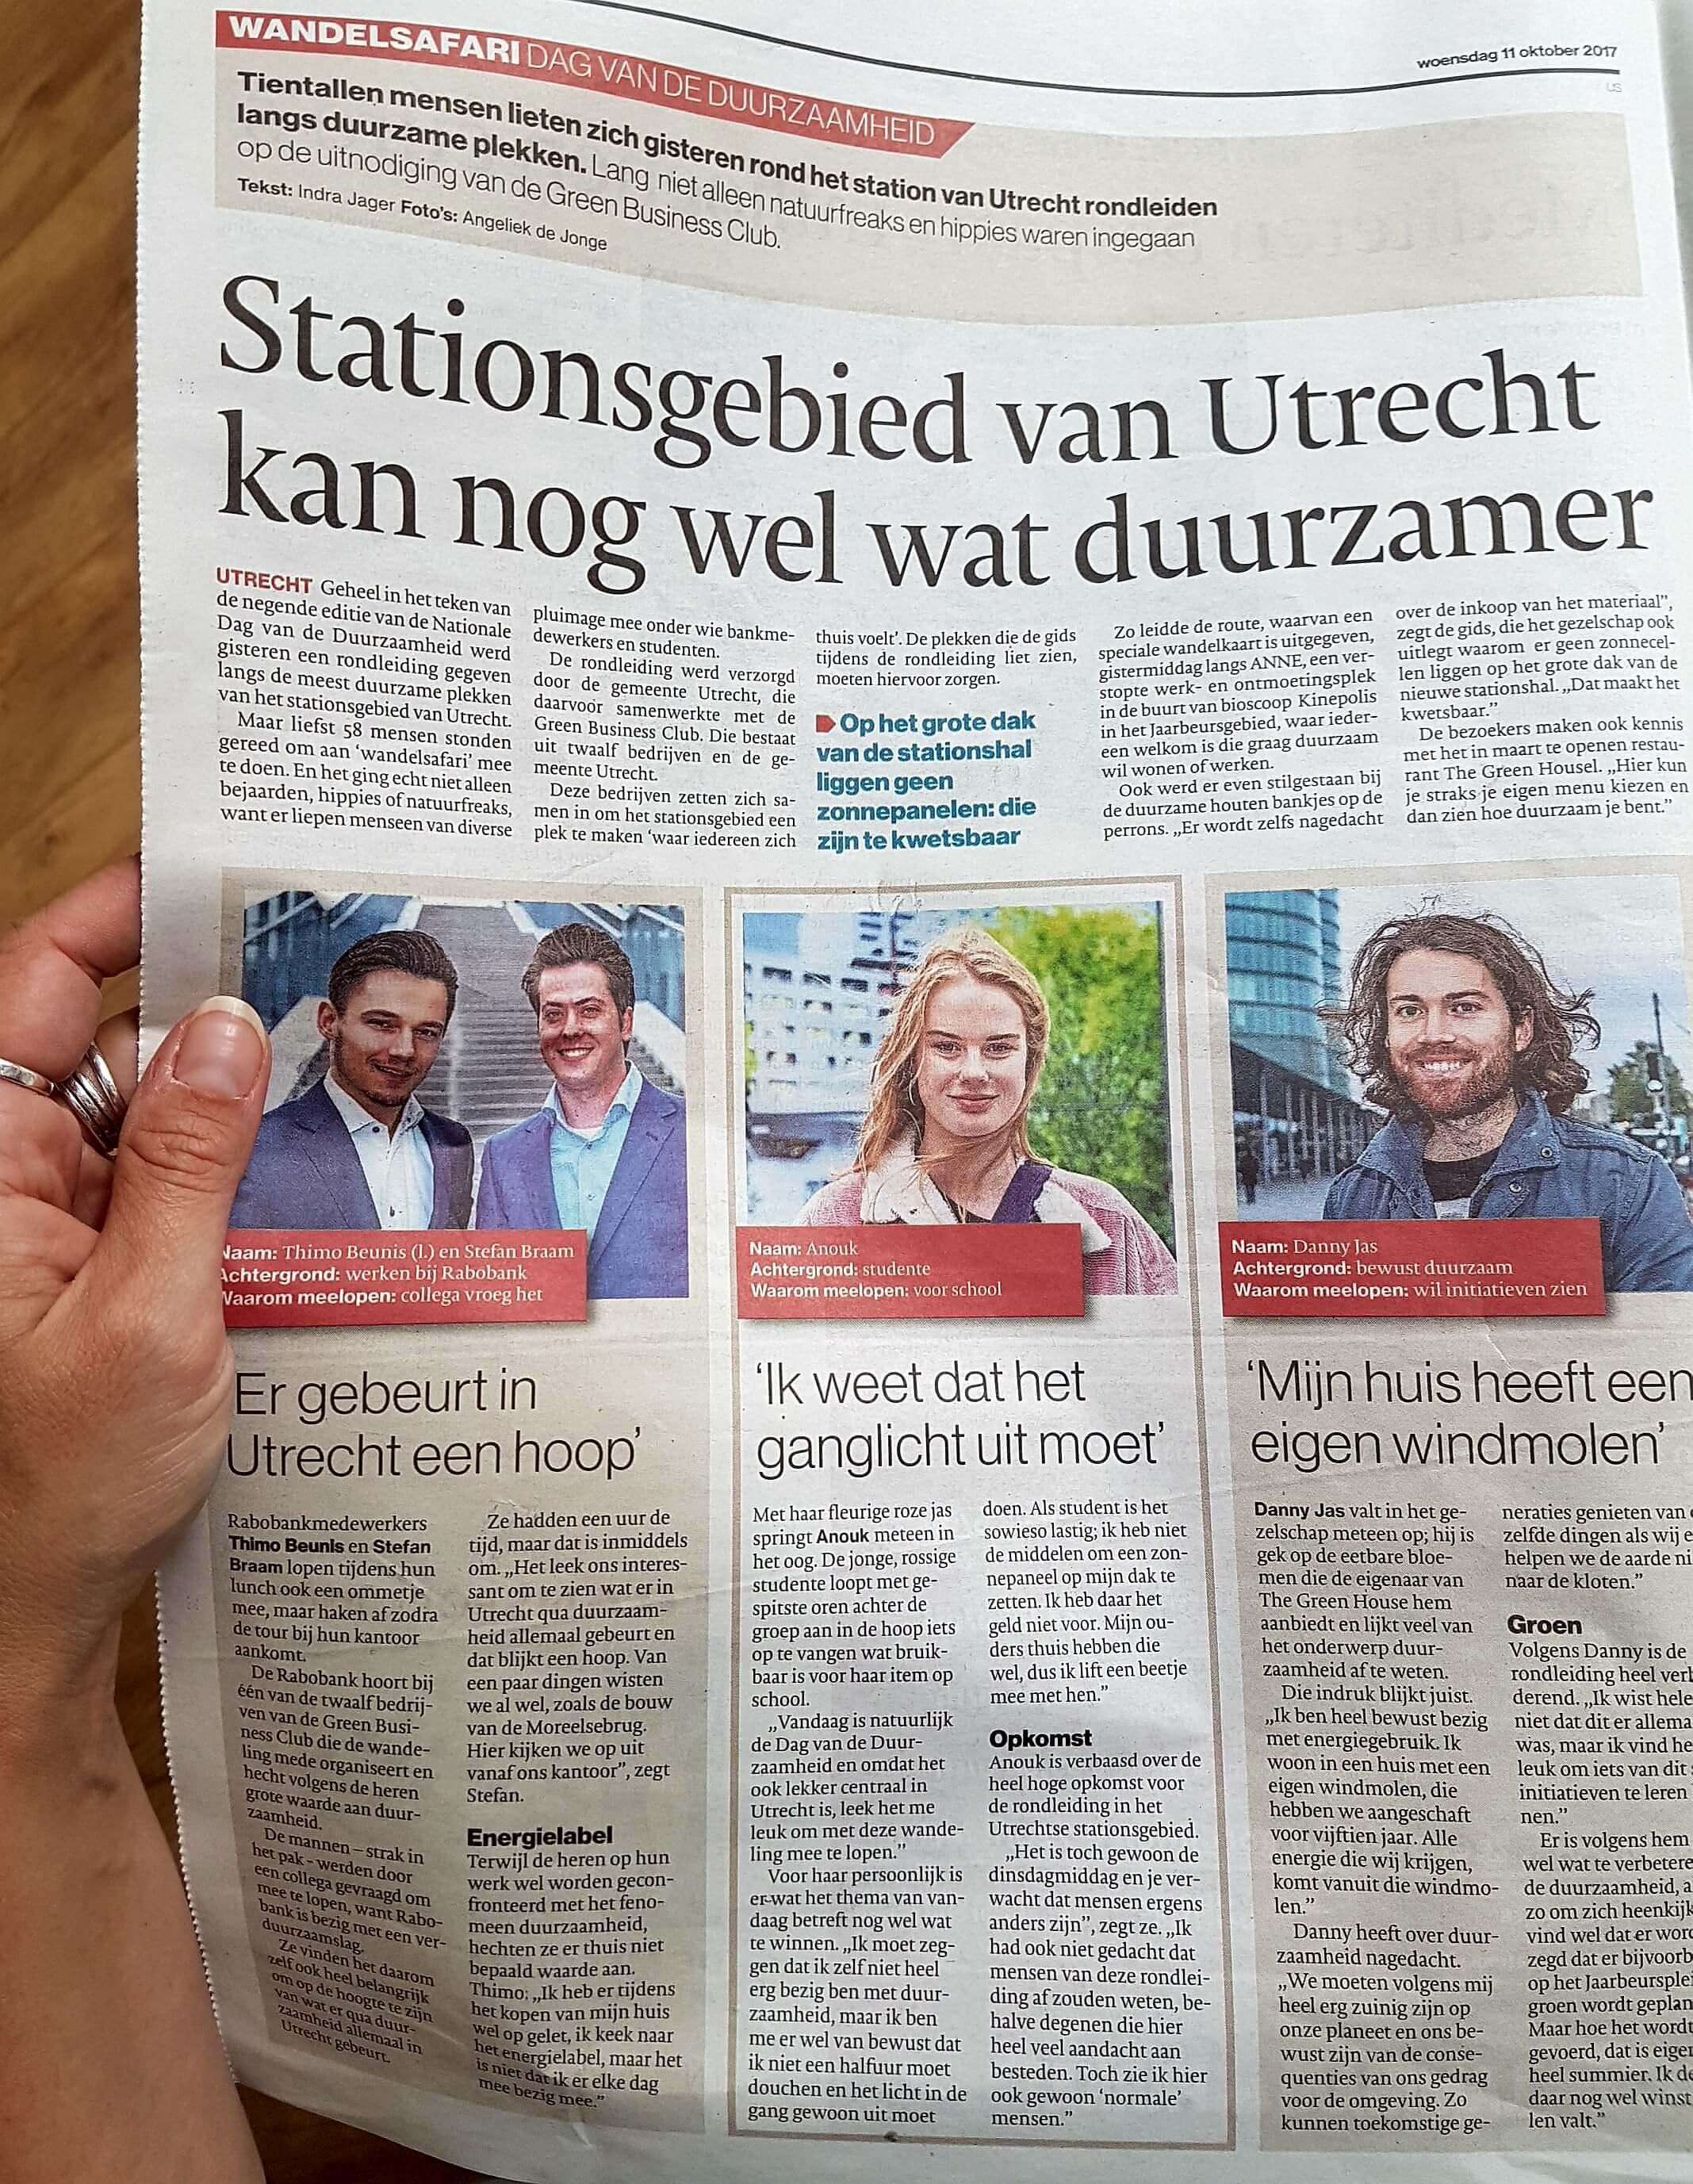 Op ontdekkingstocht door duurzaam Utrecht Centraal - Green